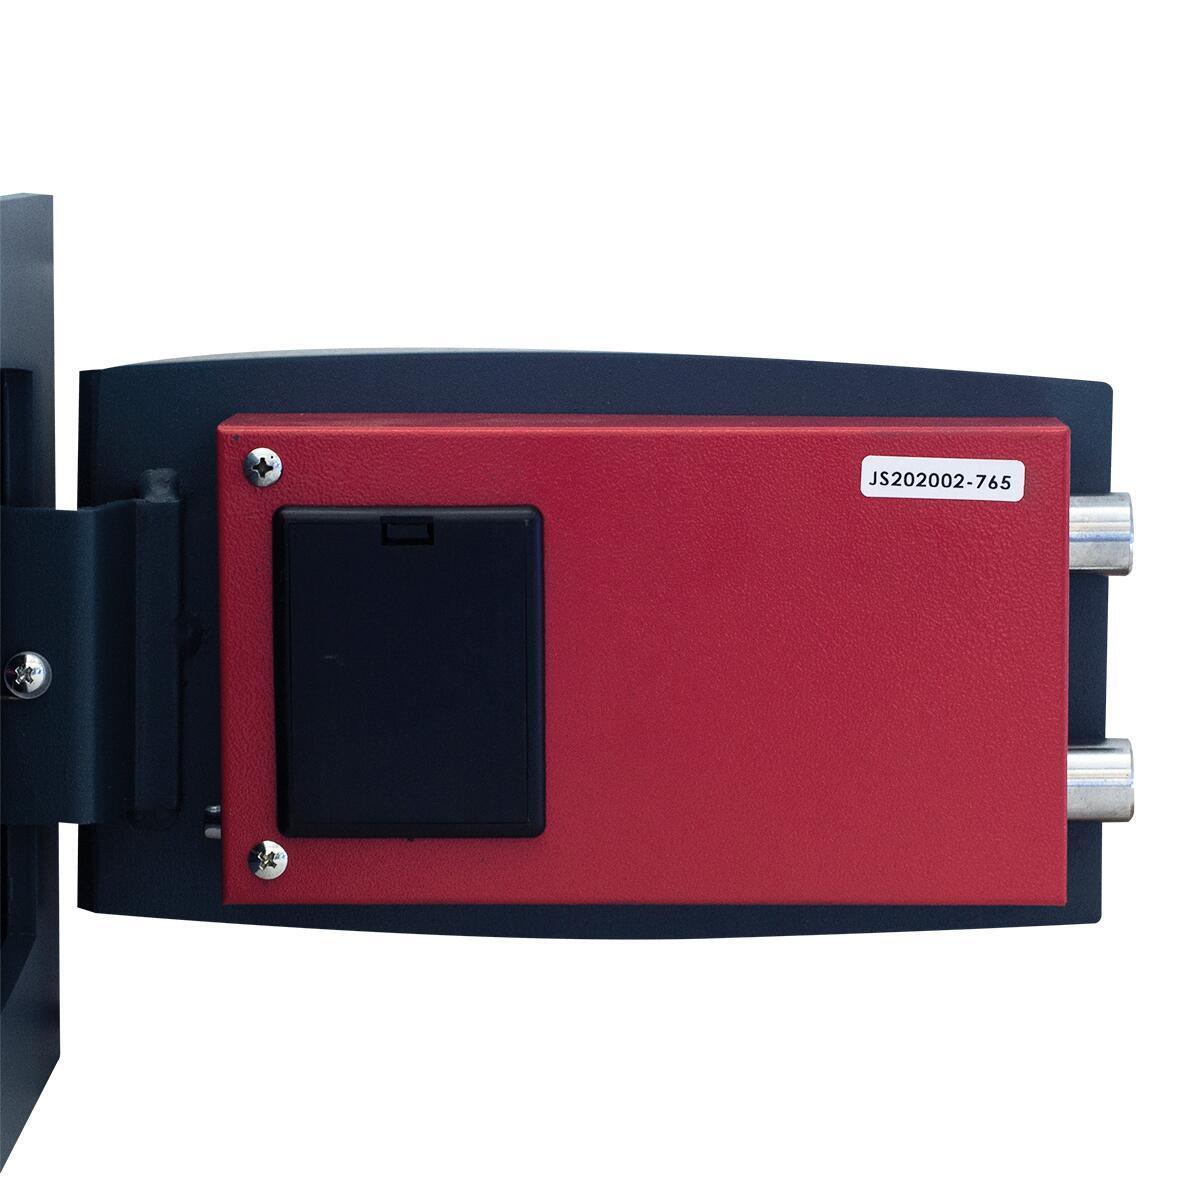 Cassaforte con codice elettronico STARK 852A da murare L 36 x P 19.5 x H 23 cm - 4